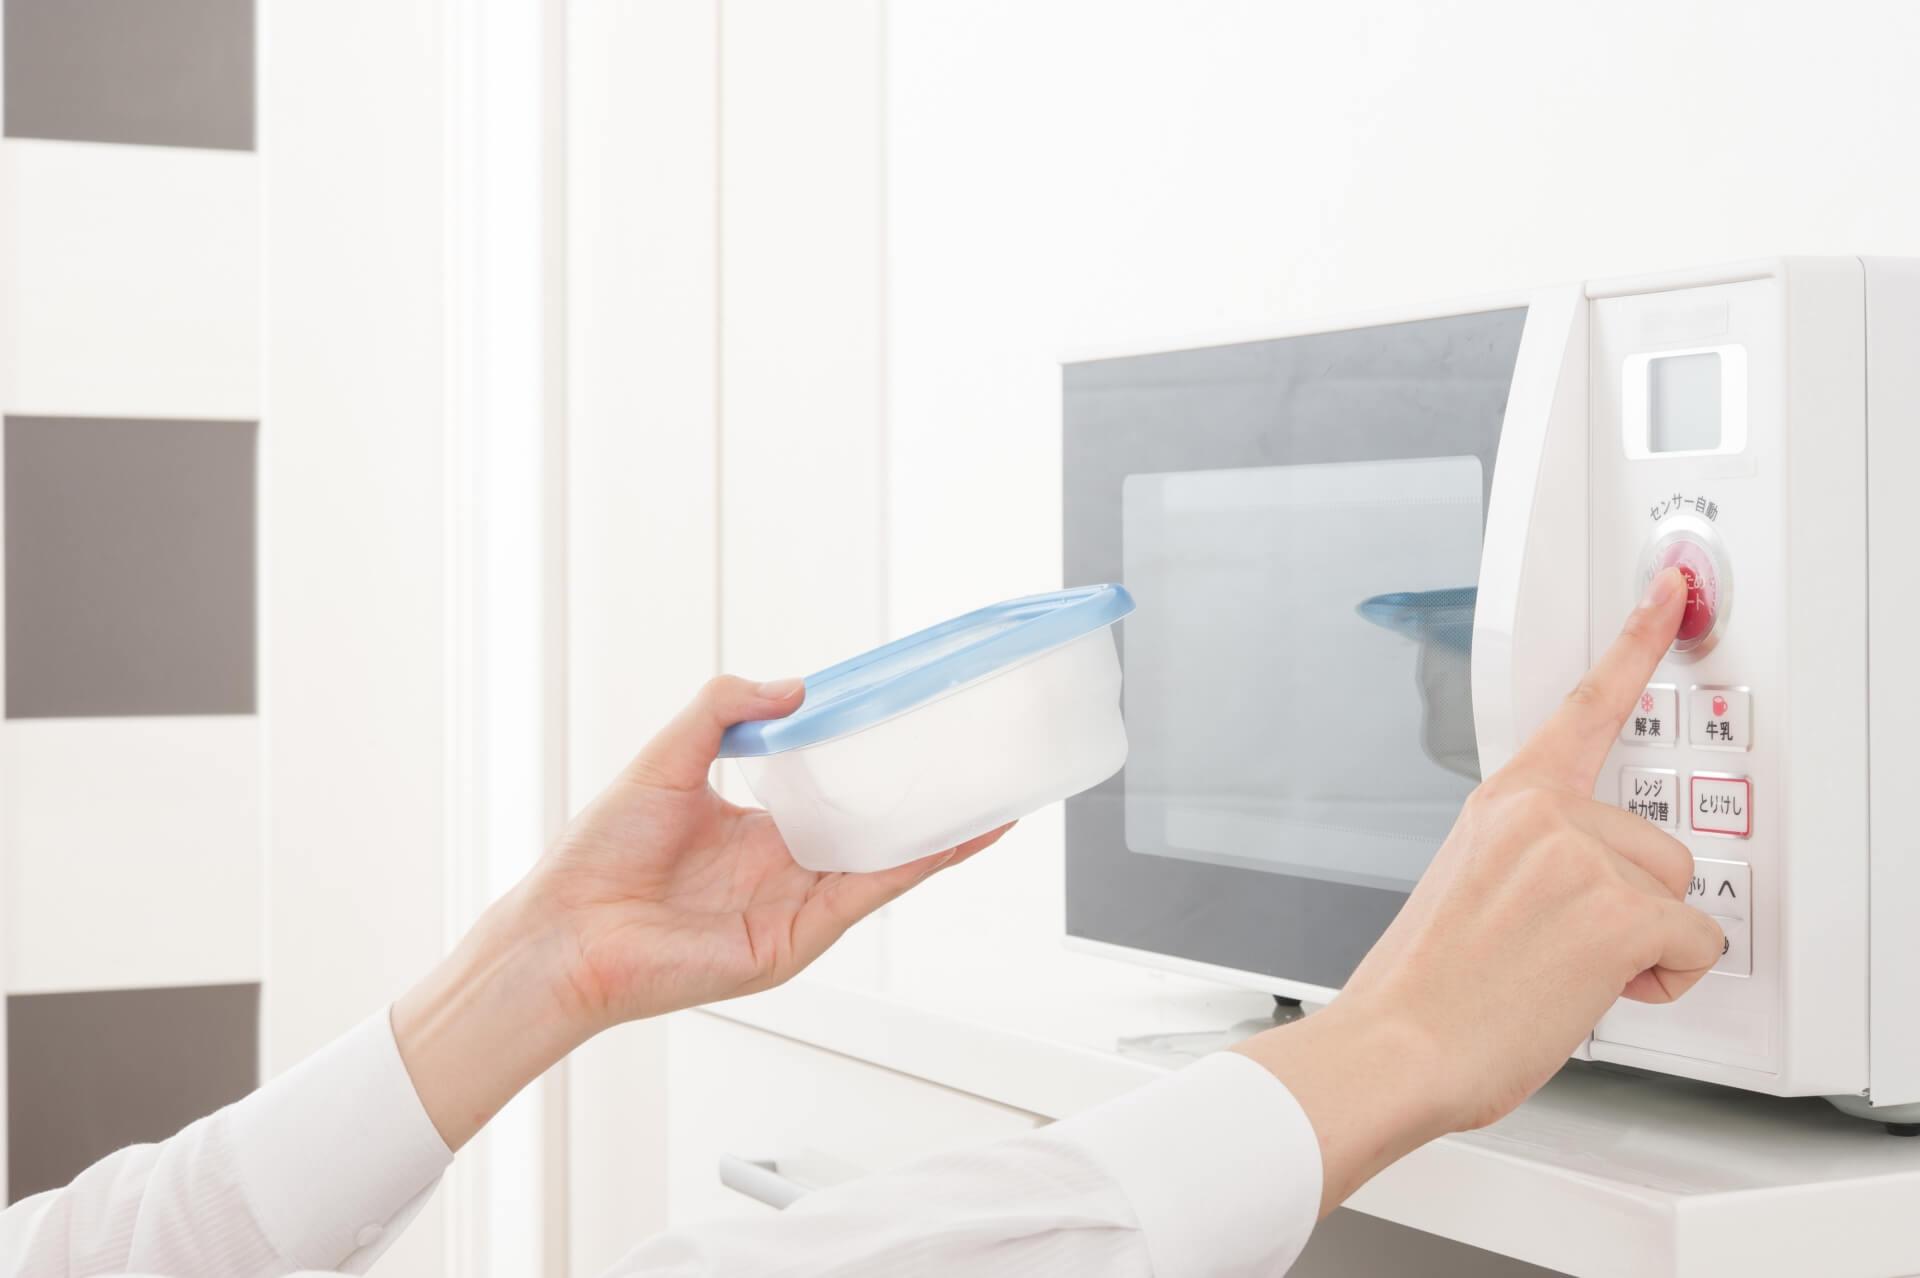 電子レンジをきれいに掃除しよう!重曹やクエン酸を使う手順を紹介